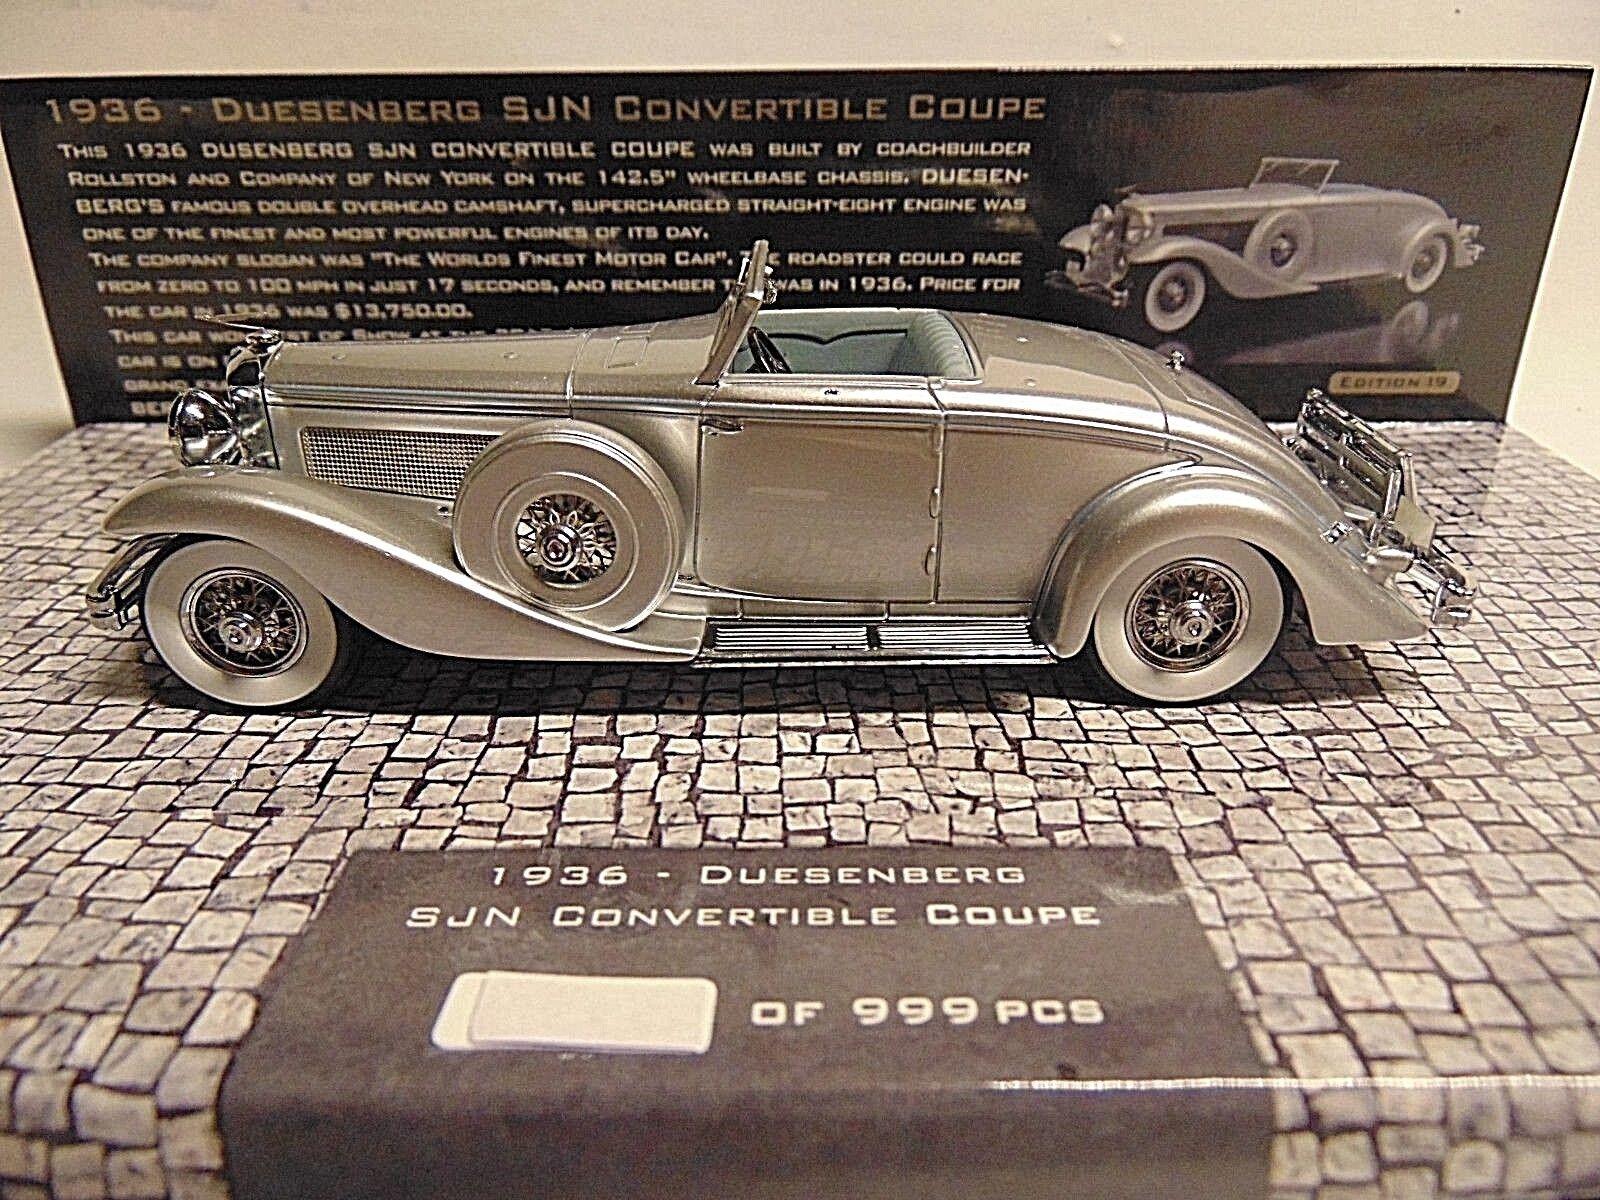 Duesenberg  Sjn Torpedo Convertible Coupe 1936  1 43 Minichamps 437150330  édition limitée chaude